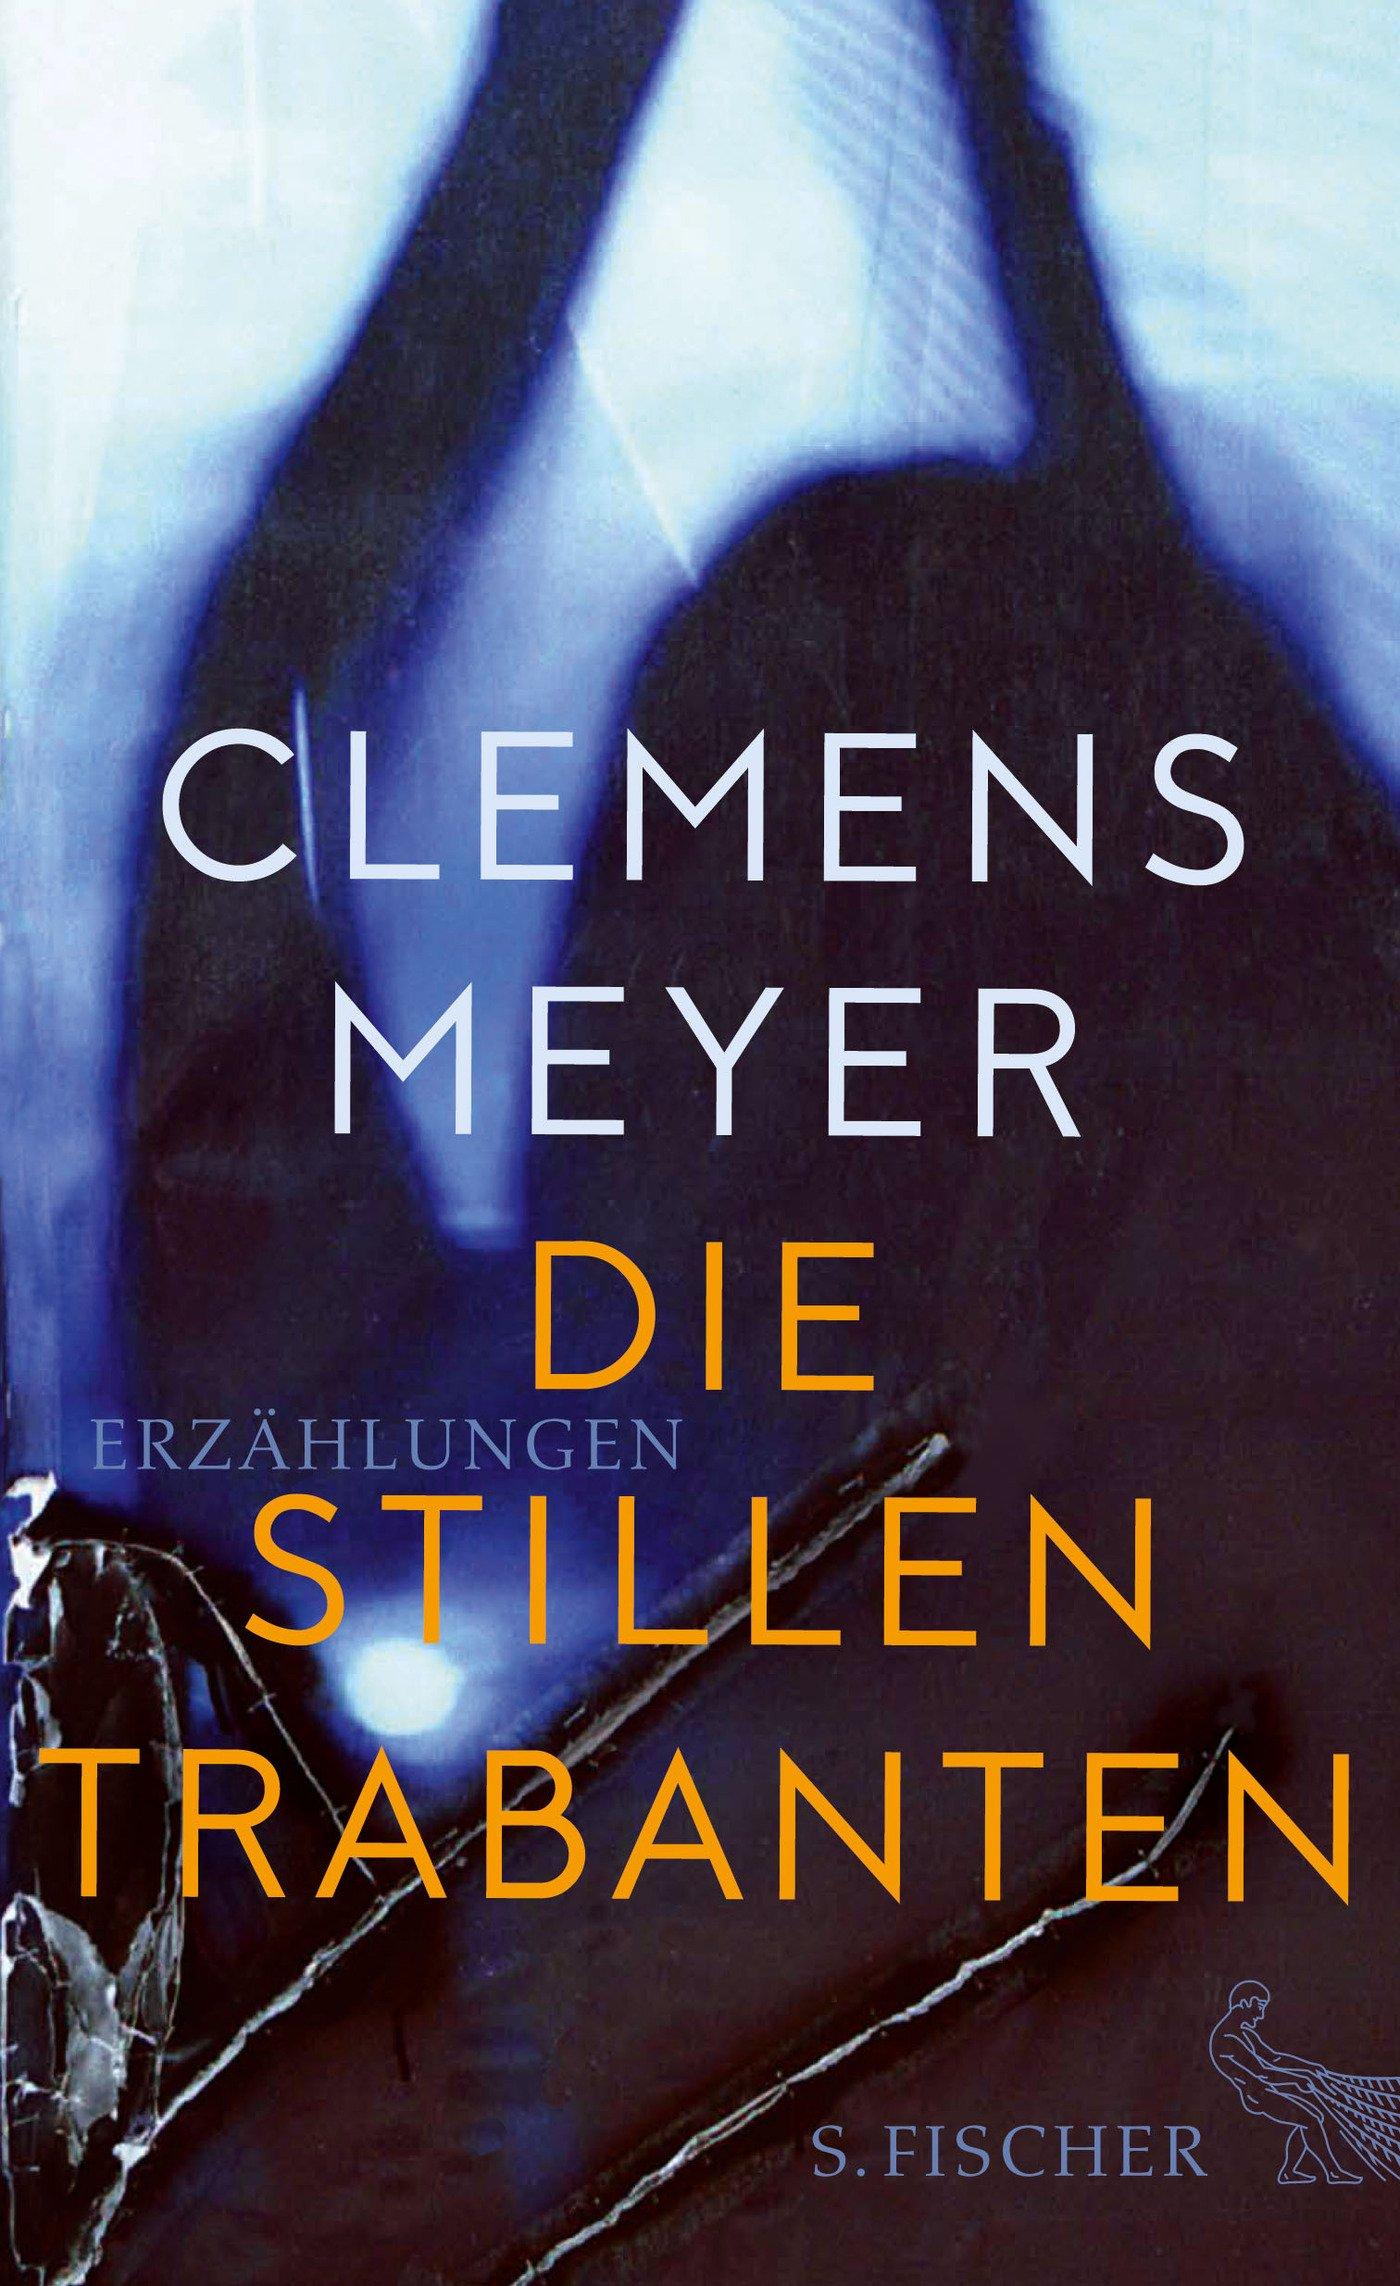 Die stillen Trabanten: Erzählungen: Amazon.co.uk: Meyer, Clemens:  9783103972641: Books